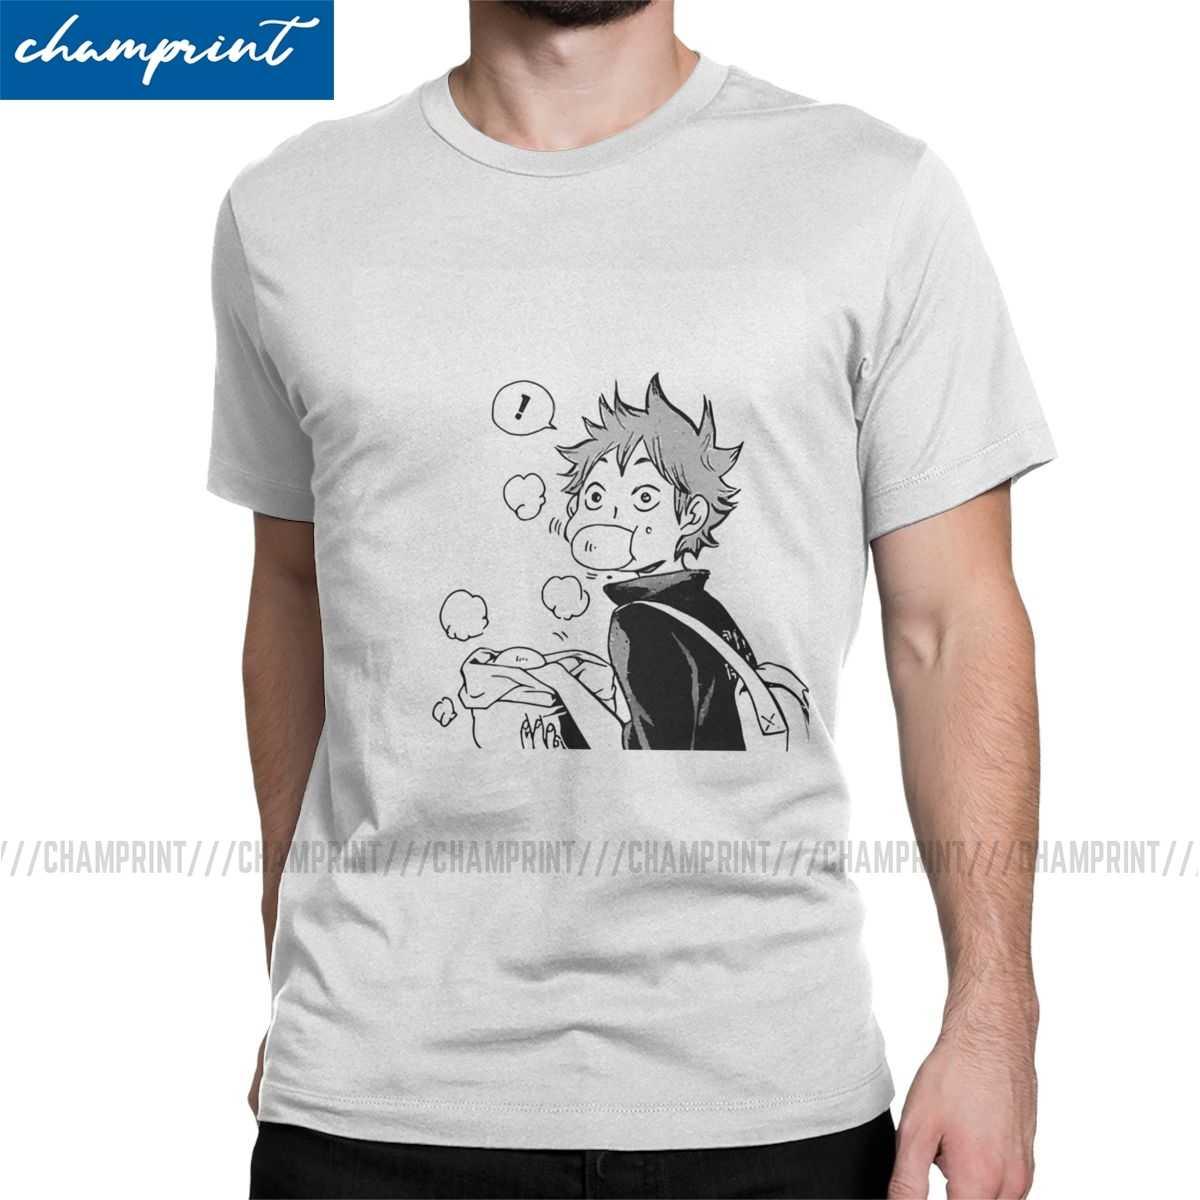 Super słodki hinata shoyo Nikuman t-shirty mężczyźni Vintage t-shirty Haikyuu Anime siatkówka Manga Tee Shirt ubrania z krótkim rękawem